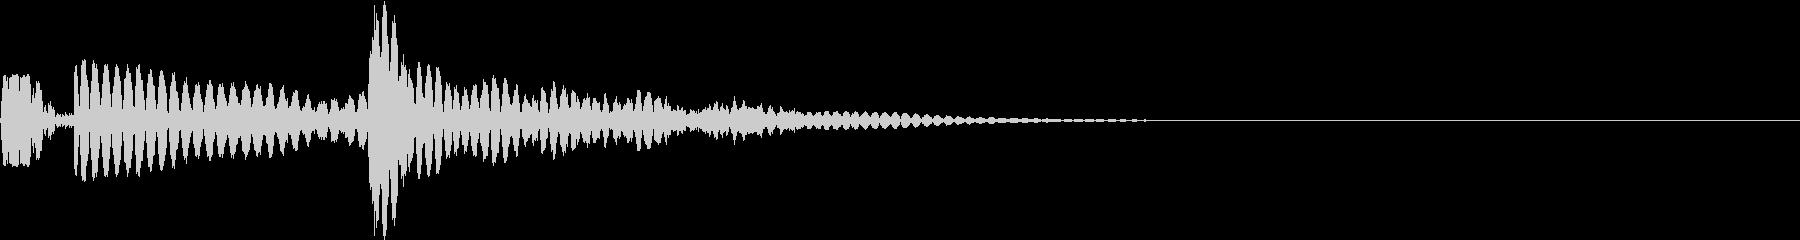 ボボチャ(アクセント・カーソル・決定)の未再生の波形